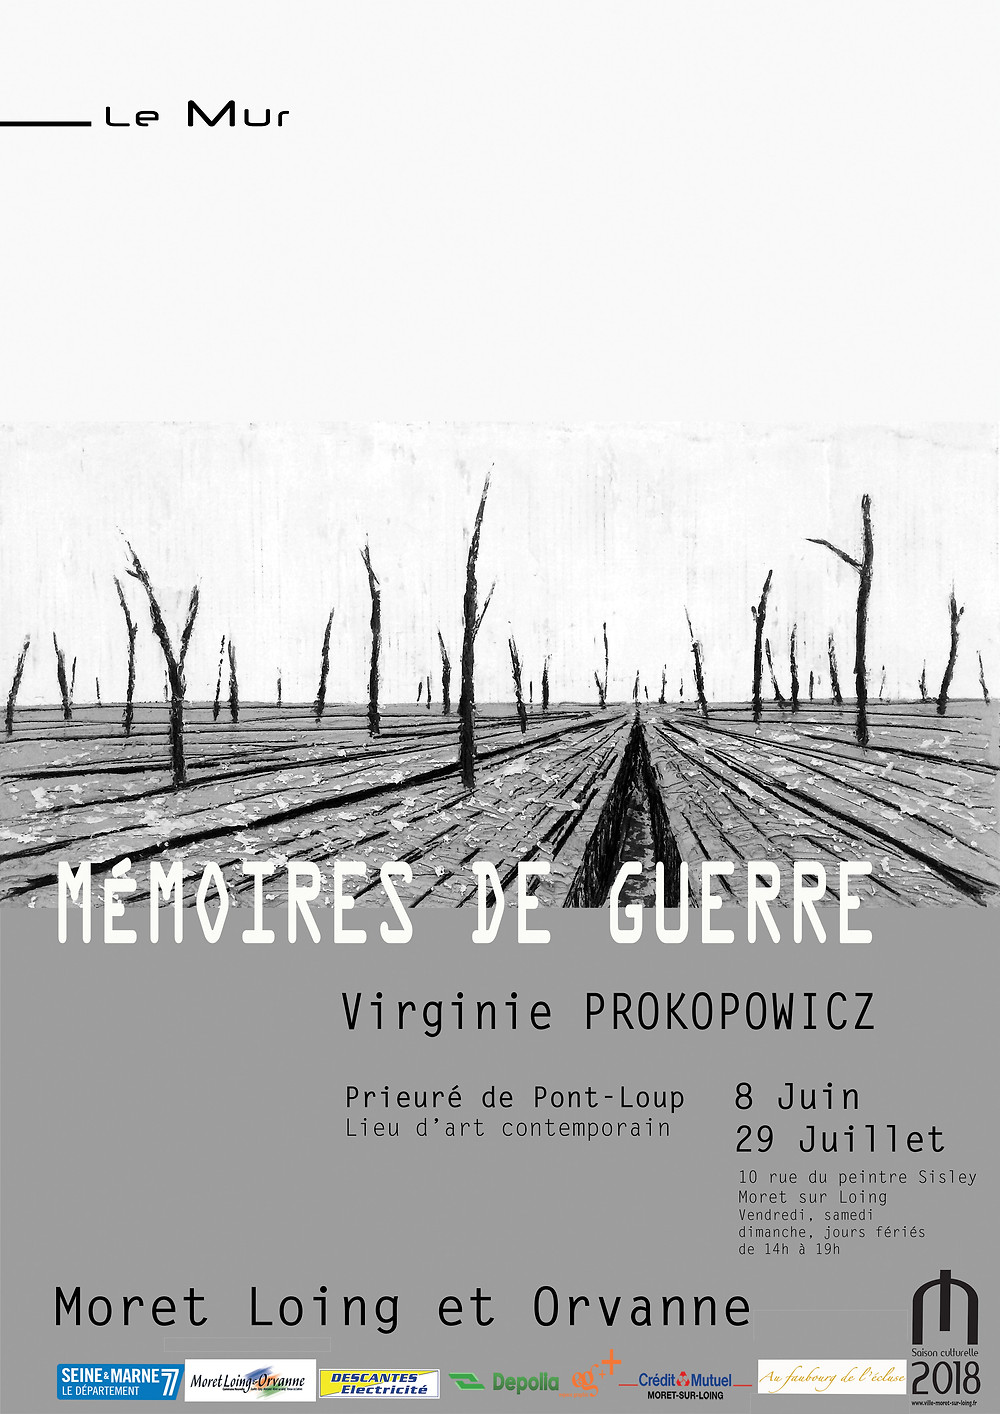 affiche mémoires de guerre virginie Prokopowicz